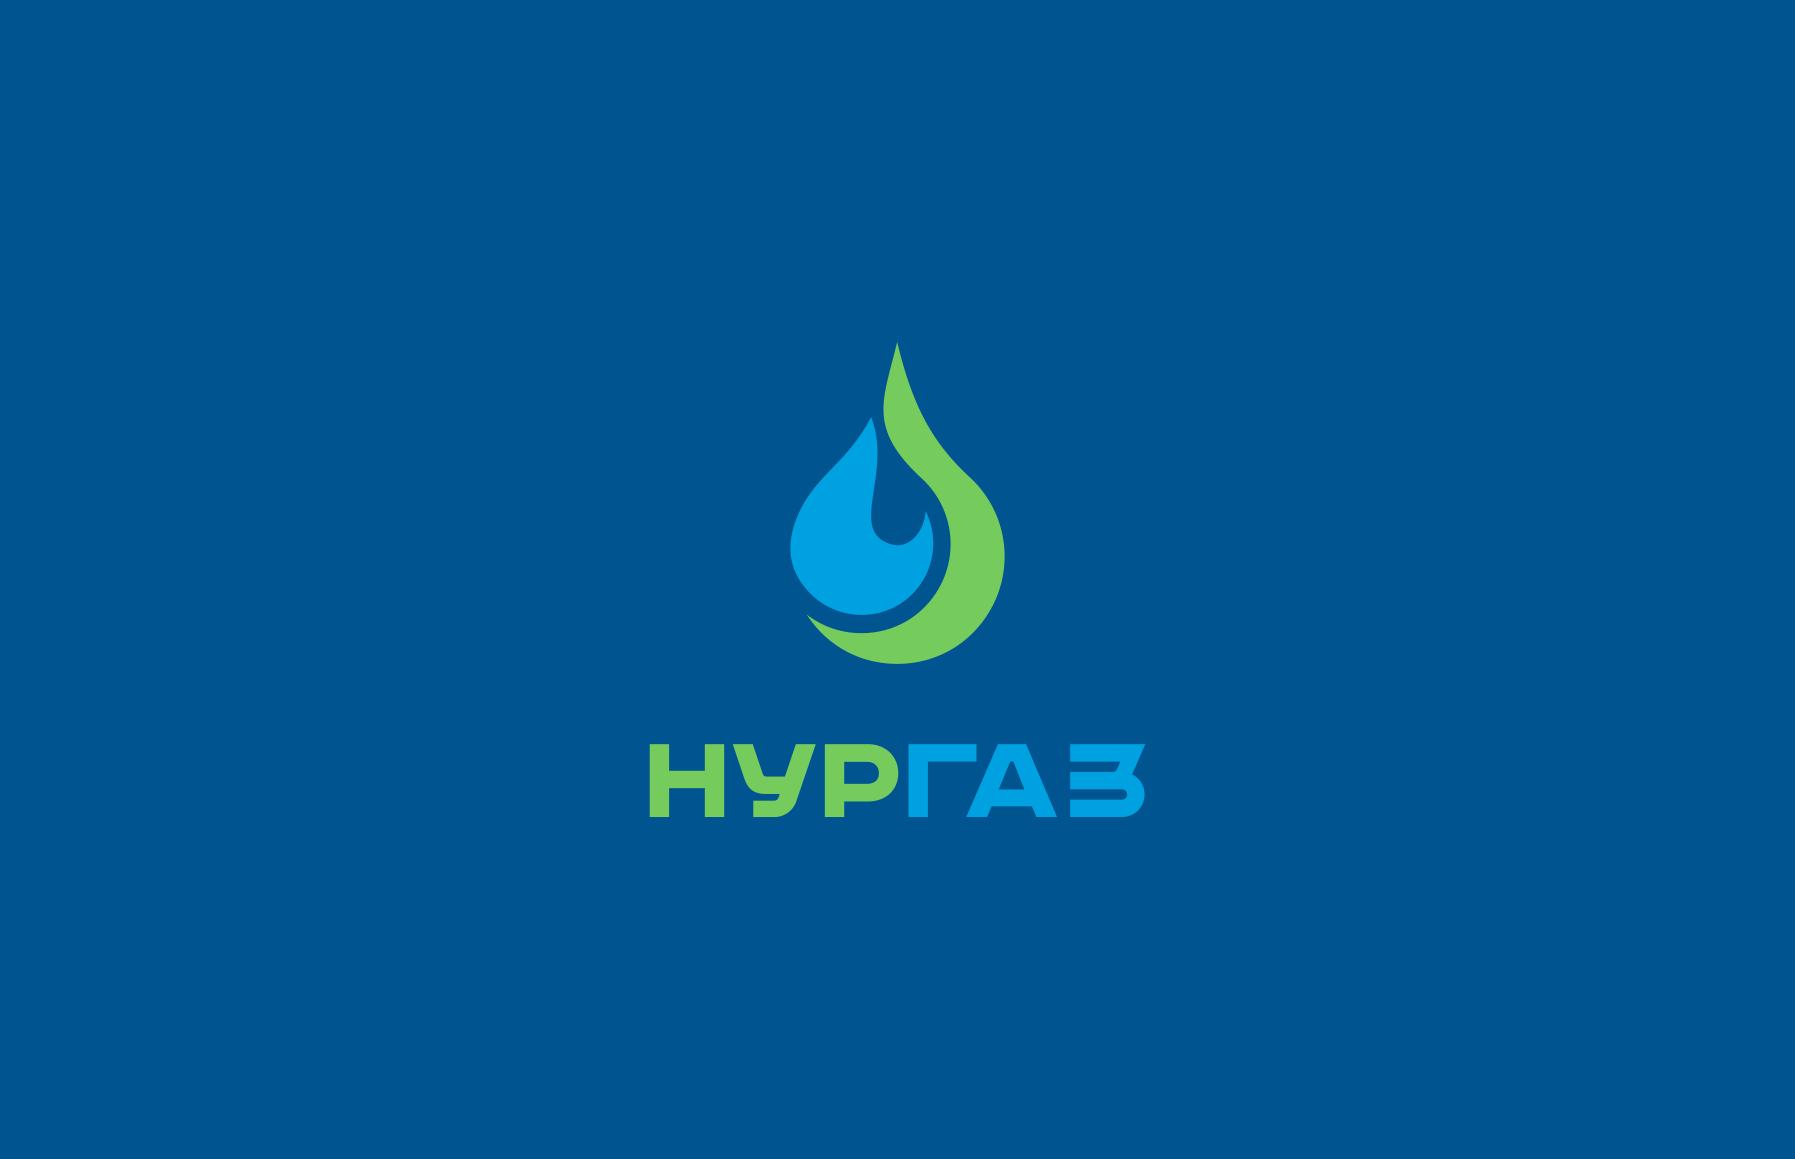 Разработка логотипа и фирменного стиля фото f_2485d9be4ac79f03.png